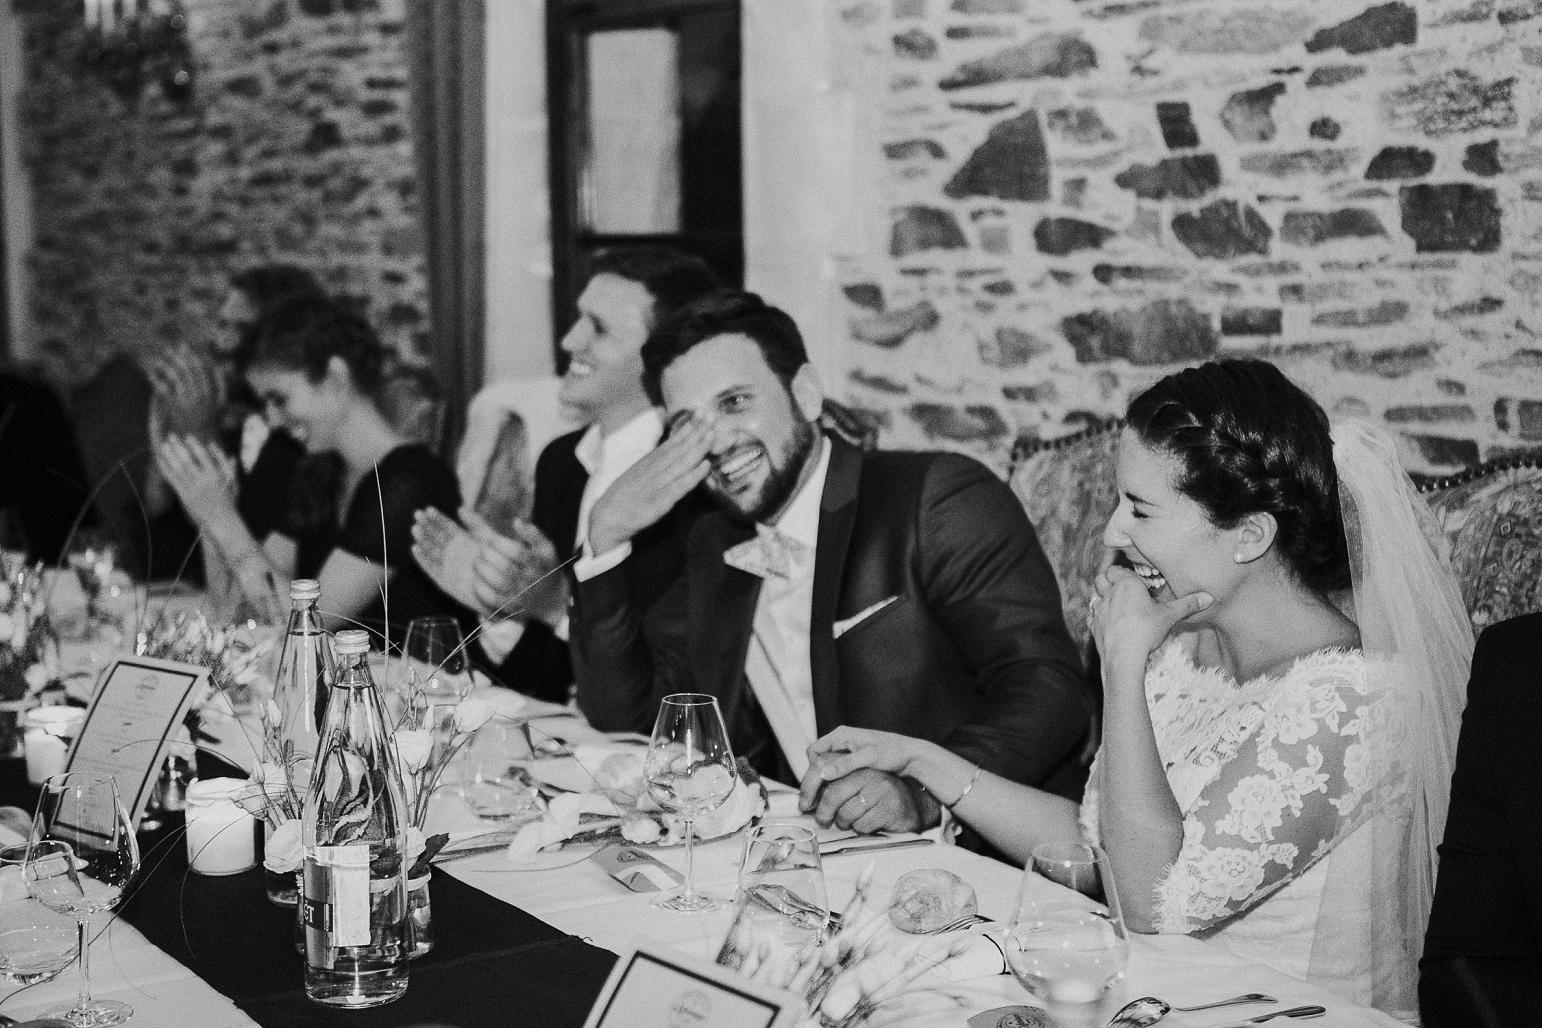 kateryna-photos-mariage-wedding-france-bretagne-pays-de-la-loire-chateau-de-la-colaissiere-st-sauveur-de-landemont_0086.jpg